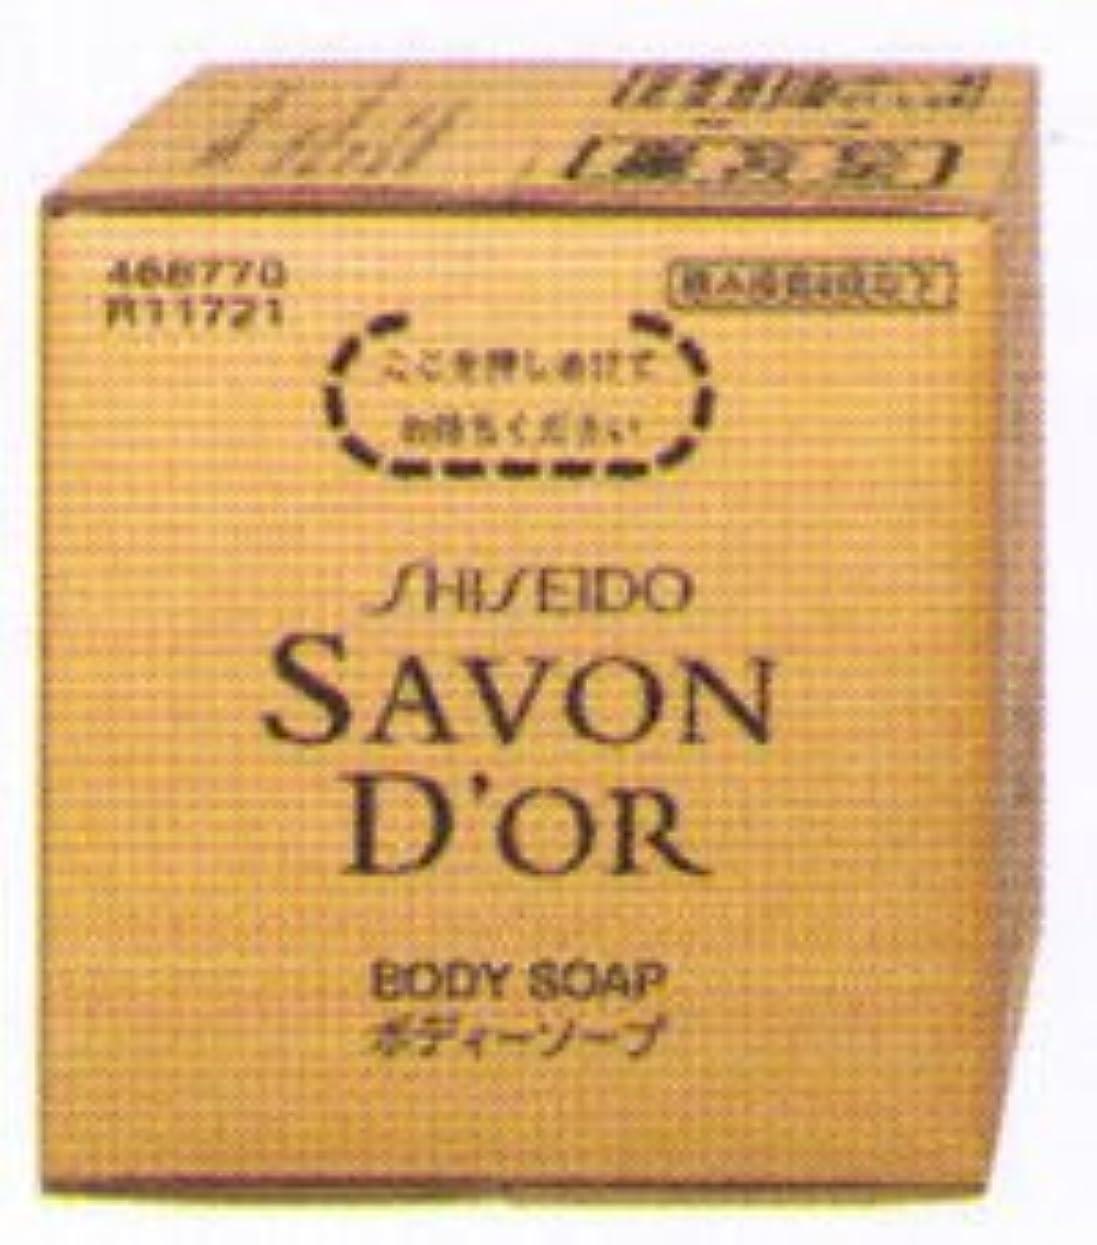 トランジスタ文明化少なくともSAVON D'OR [サボンドール] ボディソープ 10L 業務用